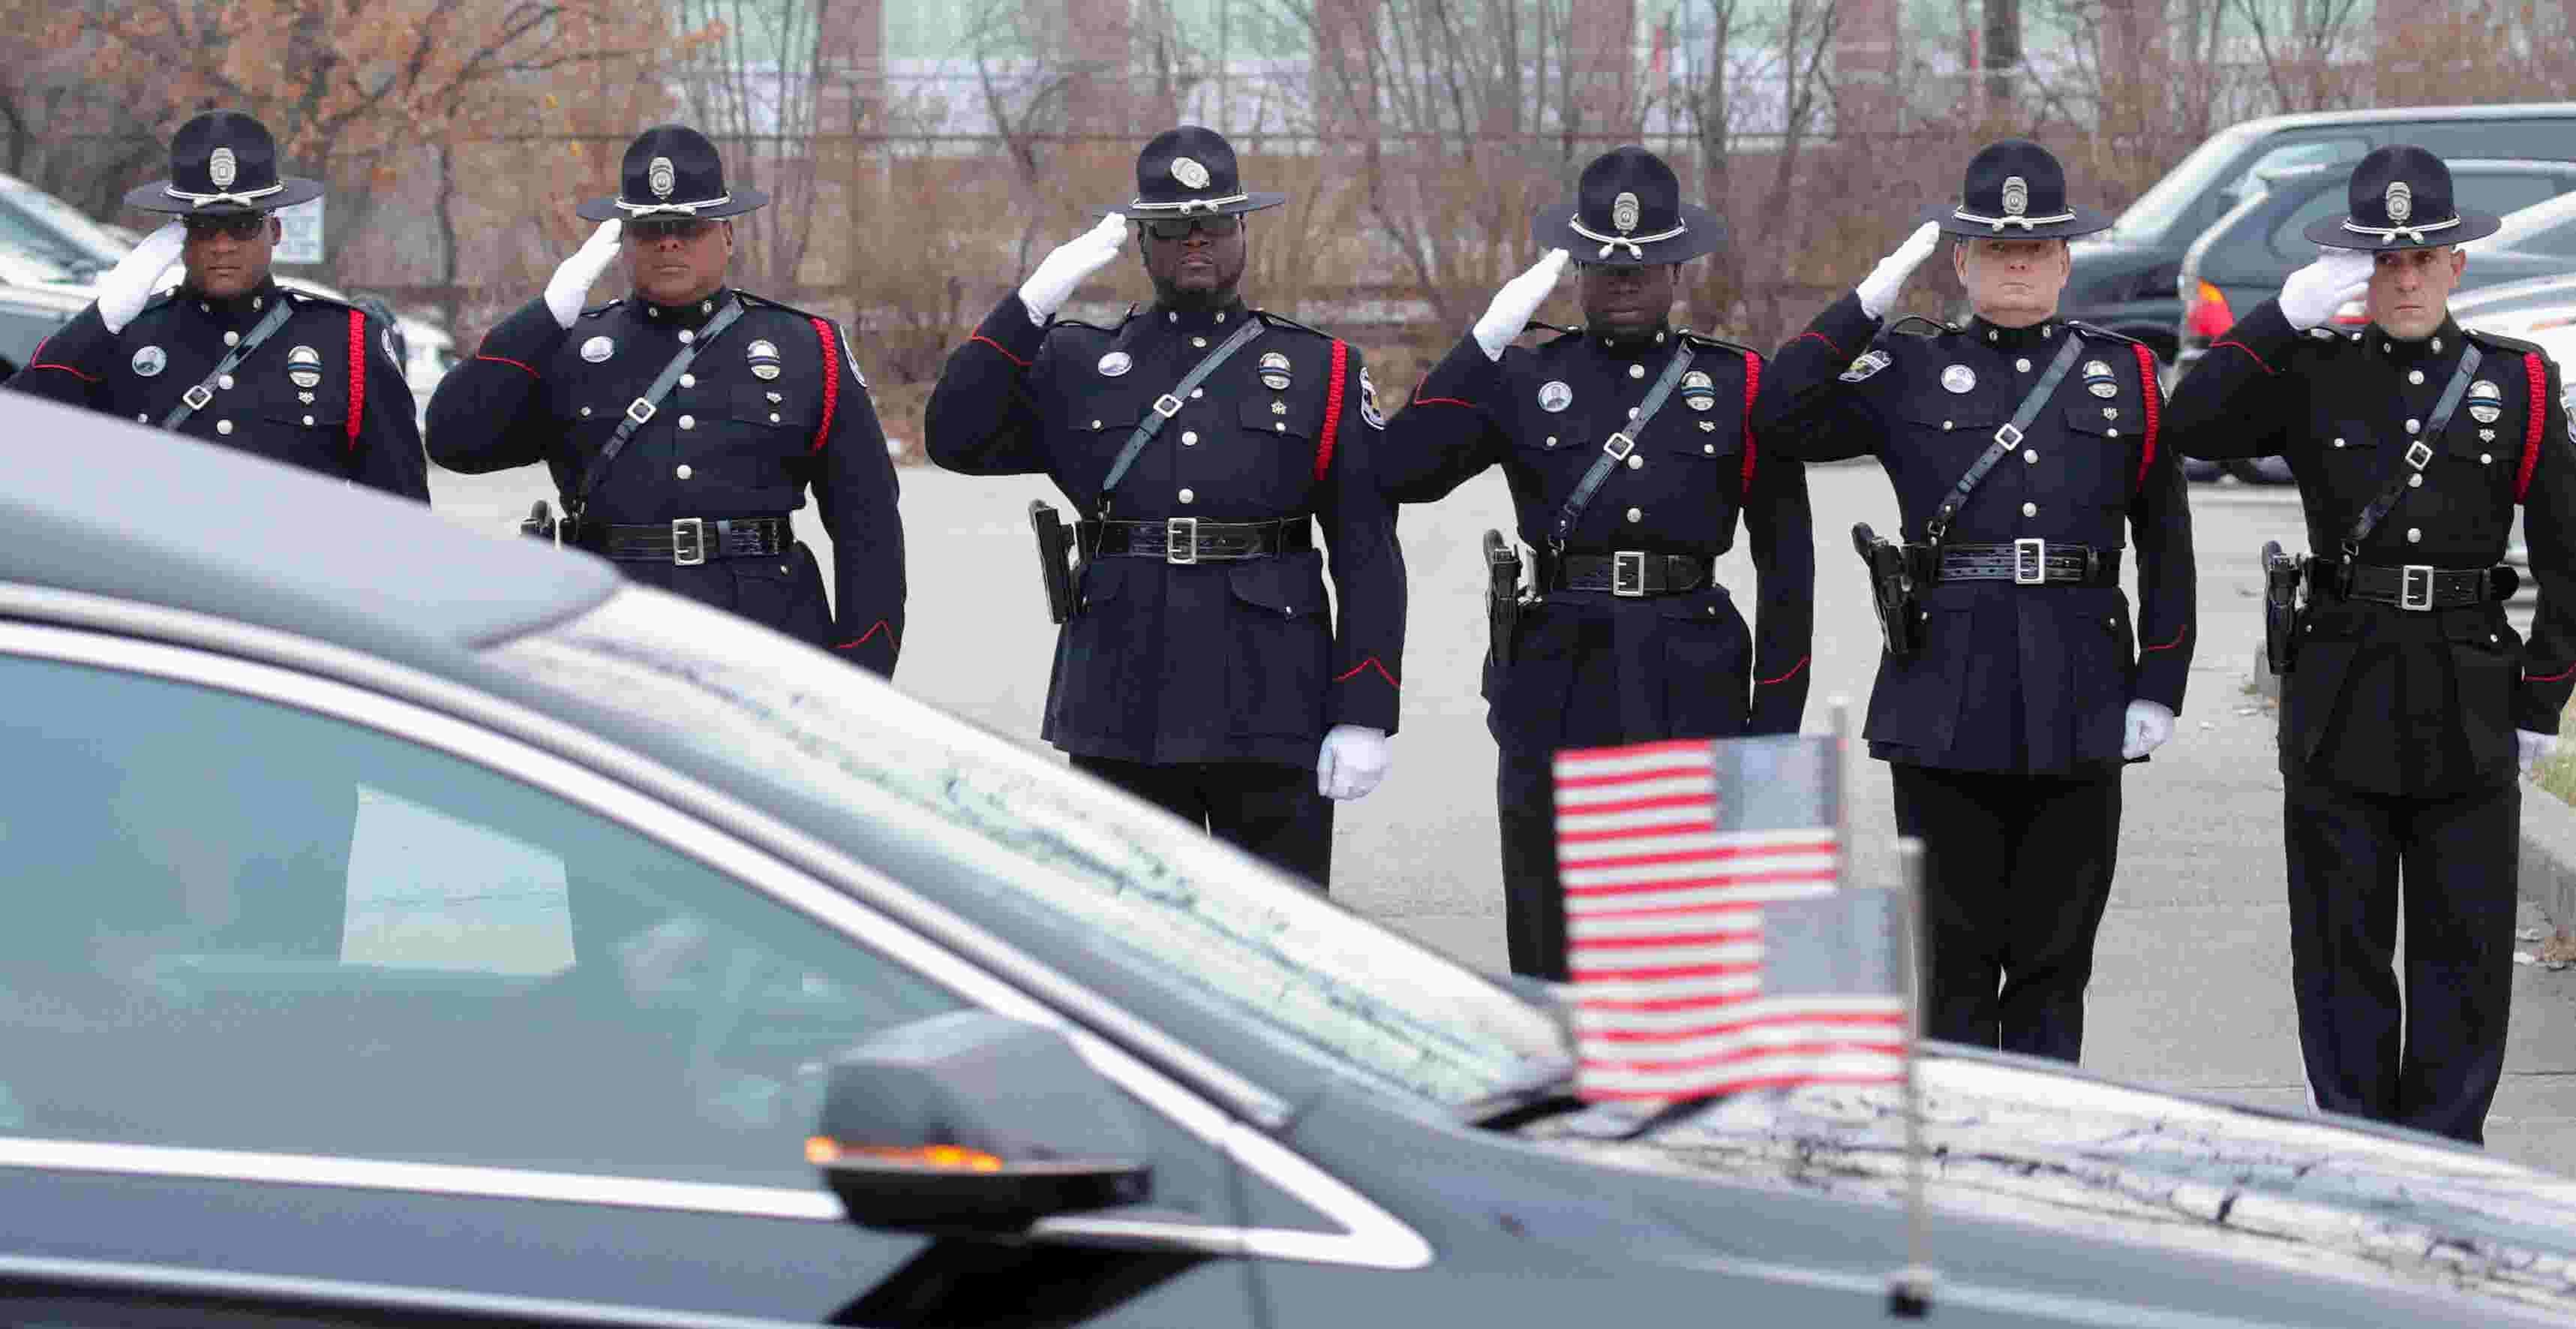 police honor louisville officer deidre mengedoht in last ride